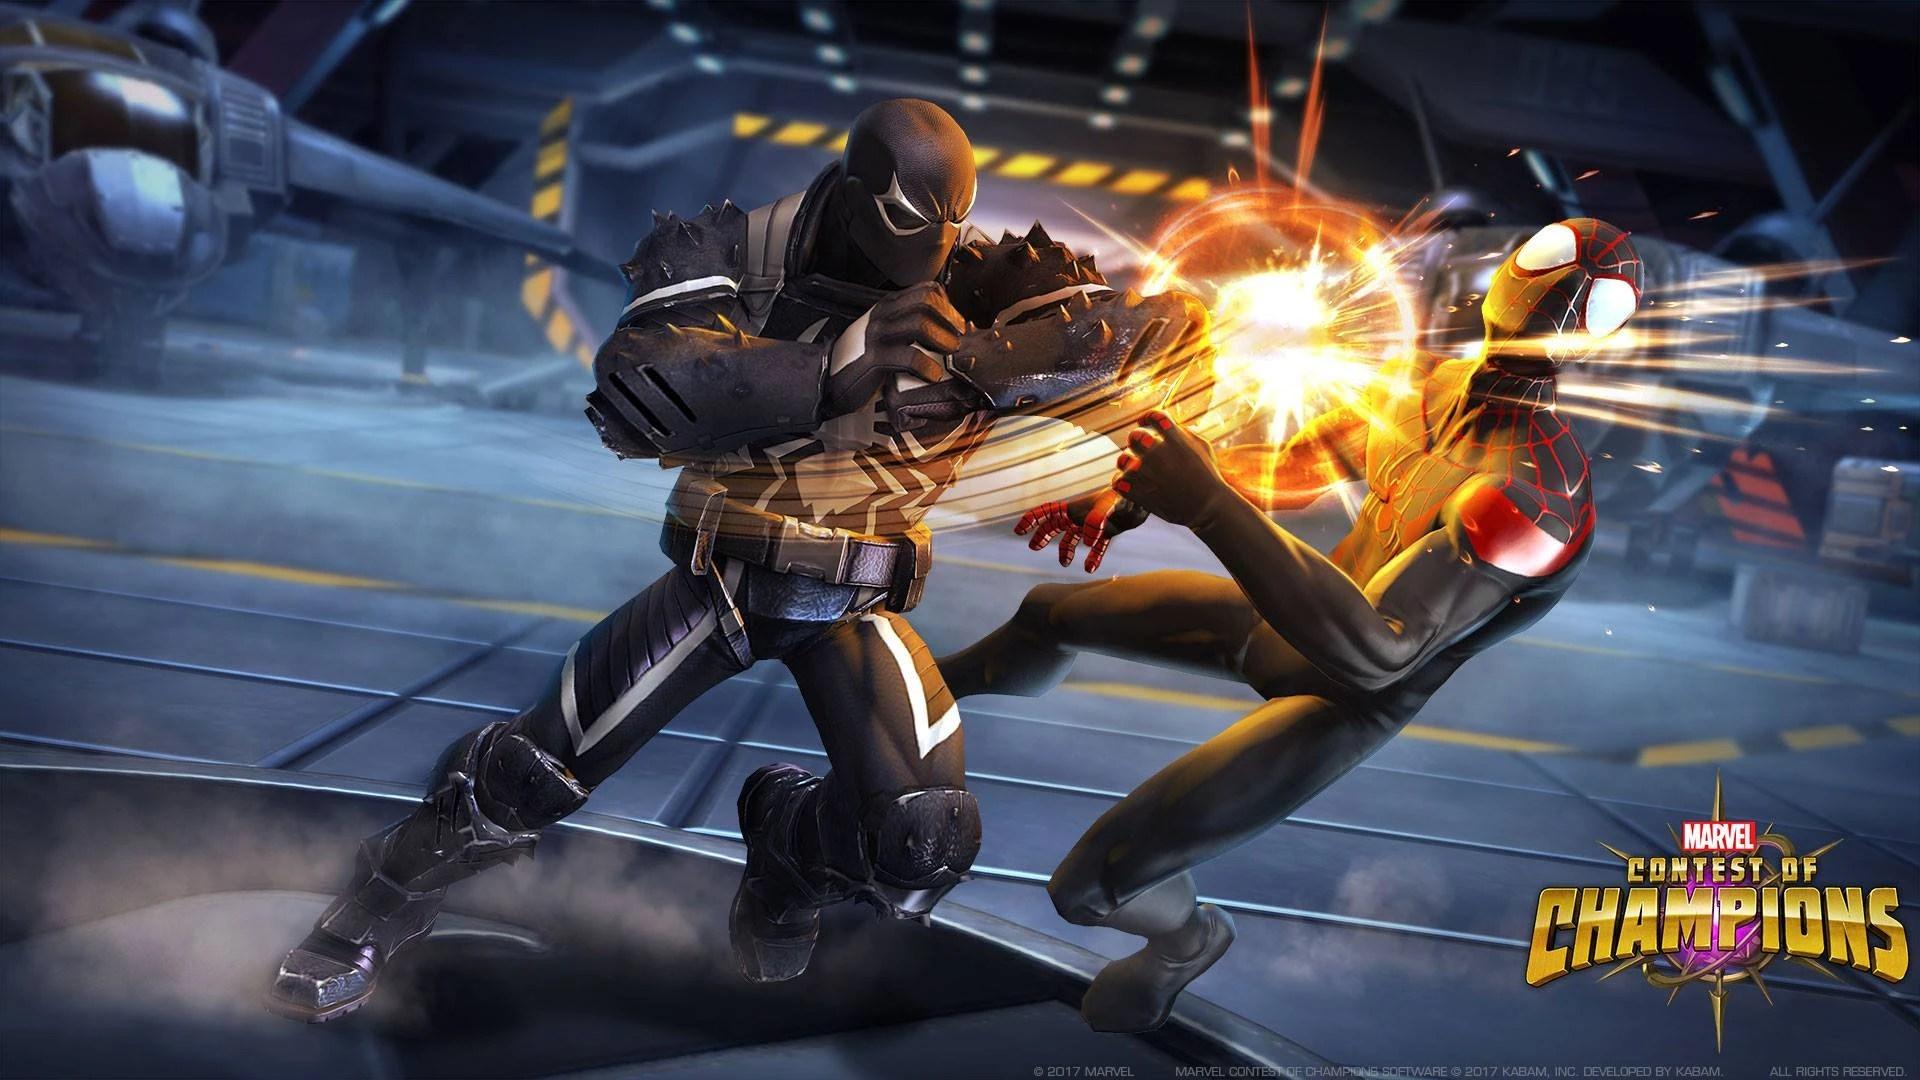 agent venom fights spidey miles